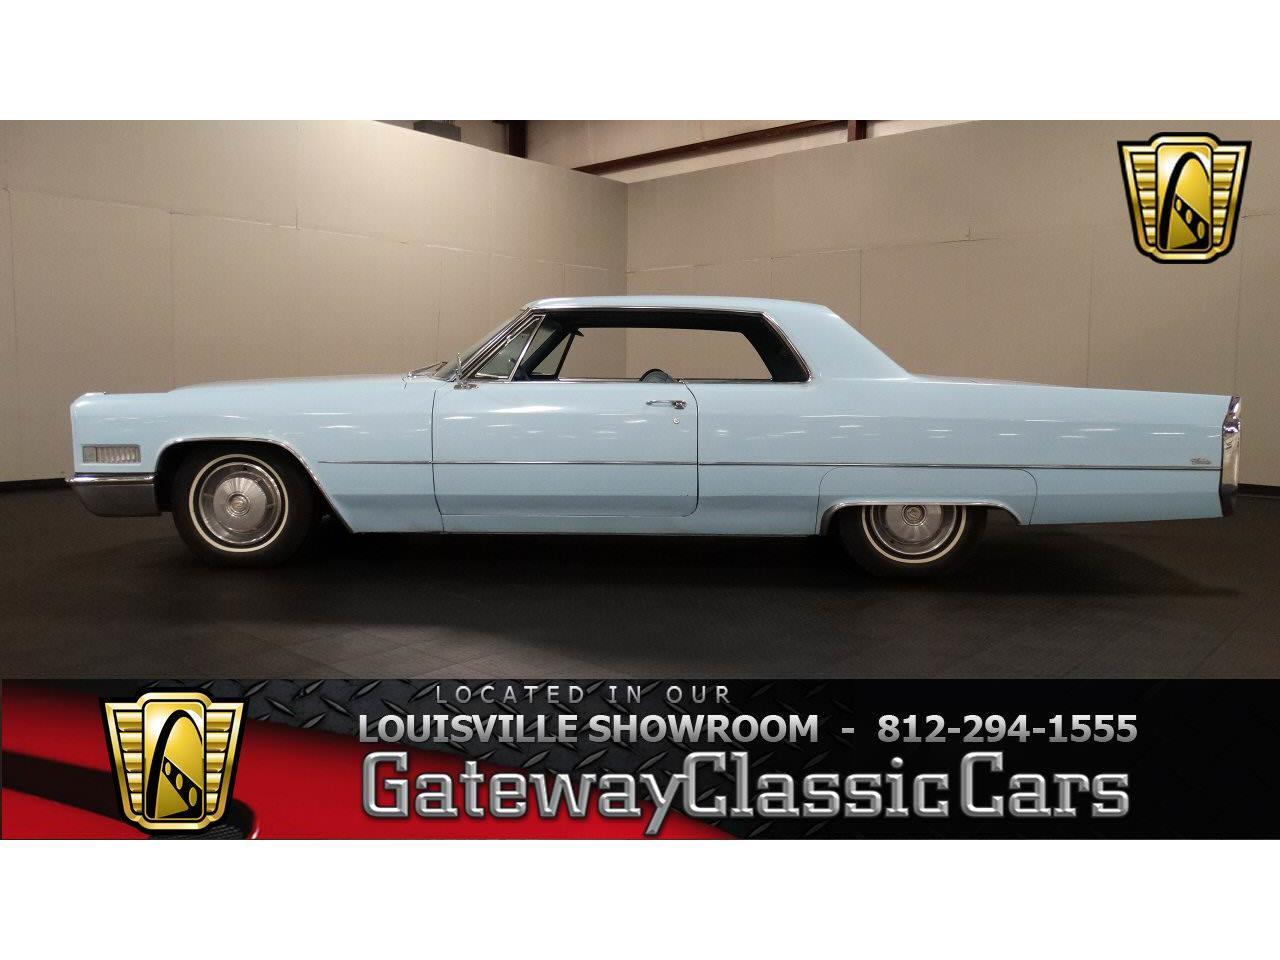 1966 Cadillac Calais For Sale Classiccars Com Cc 951410